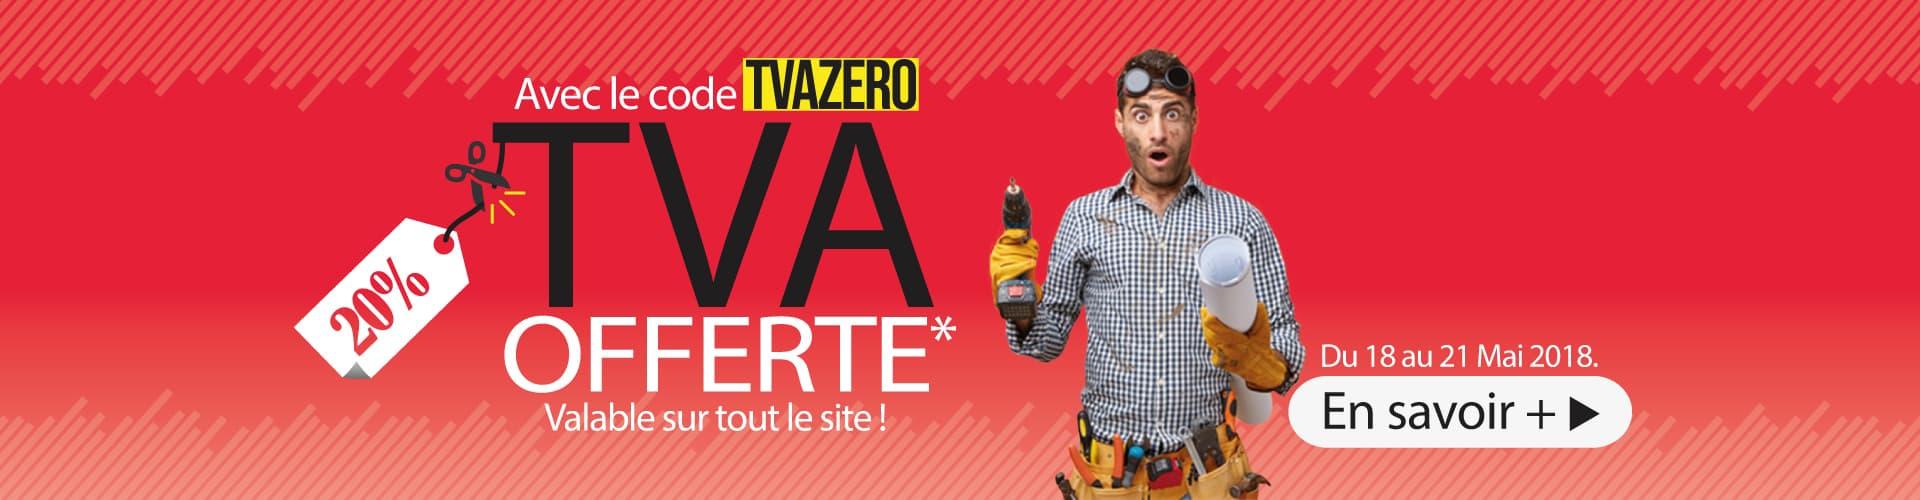 TVA offerte sur tout le site !